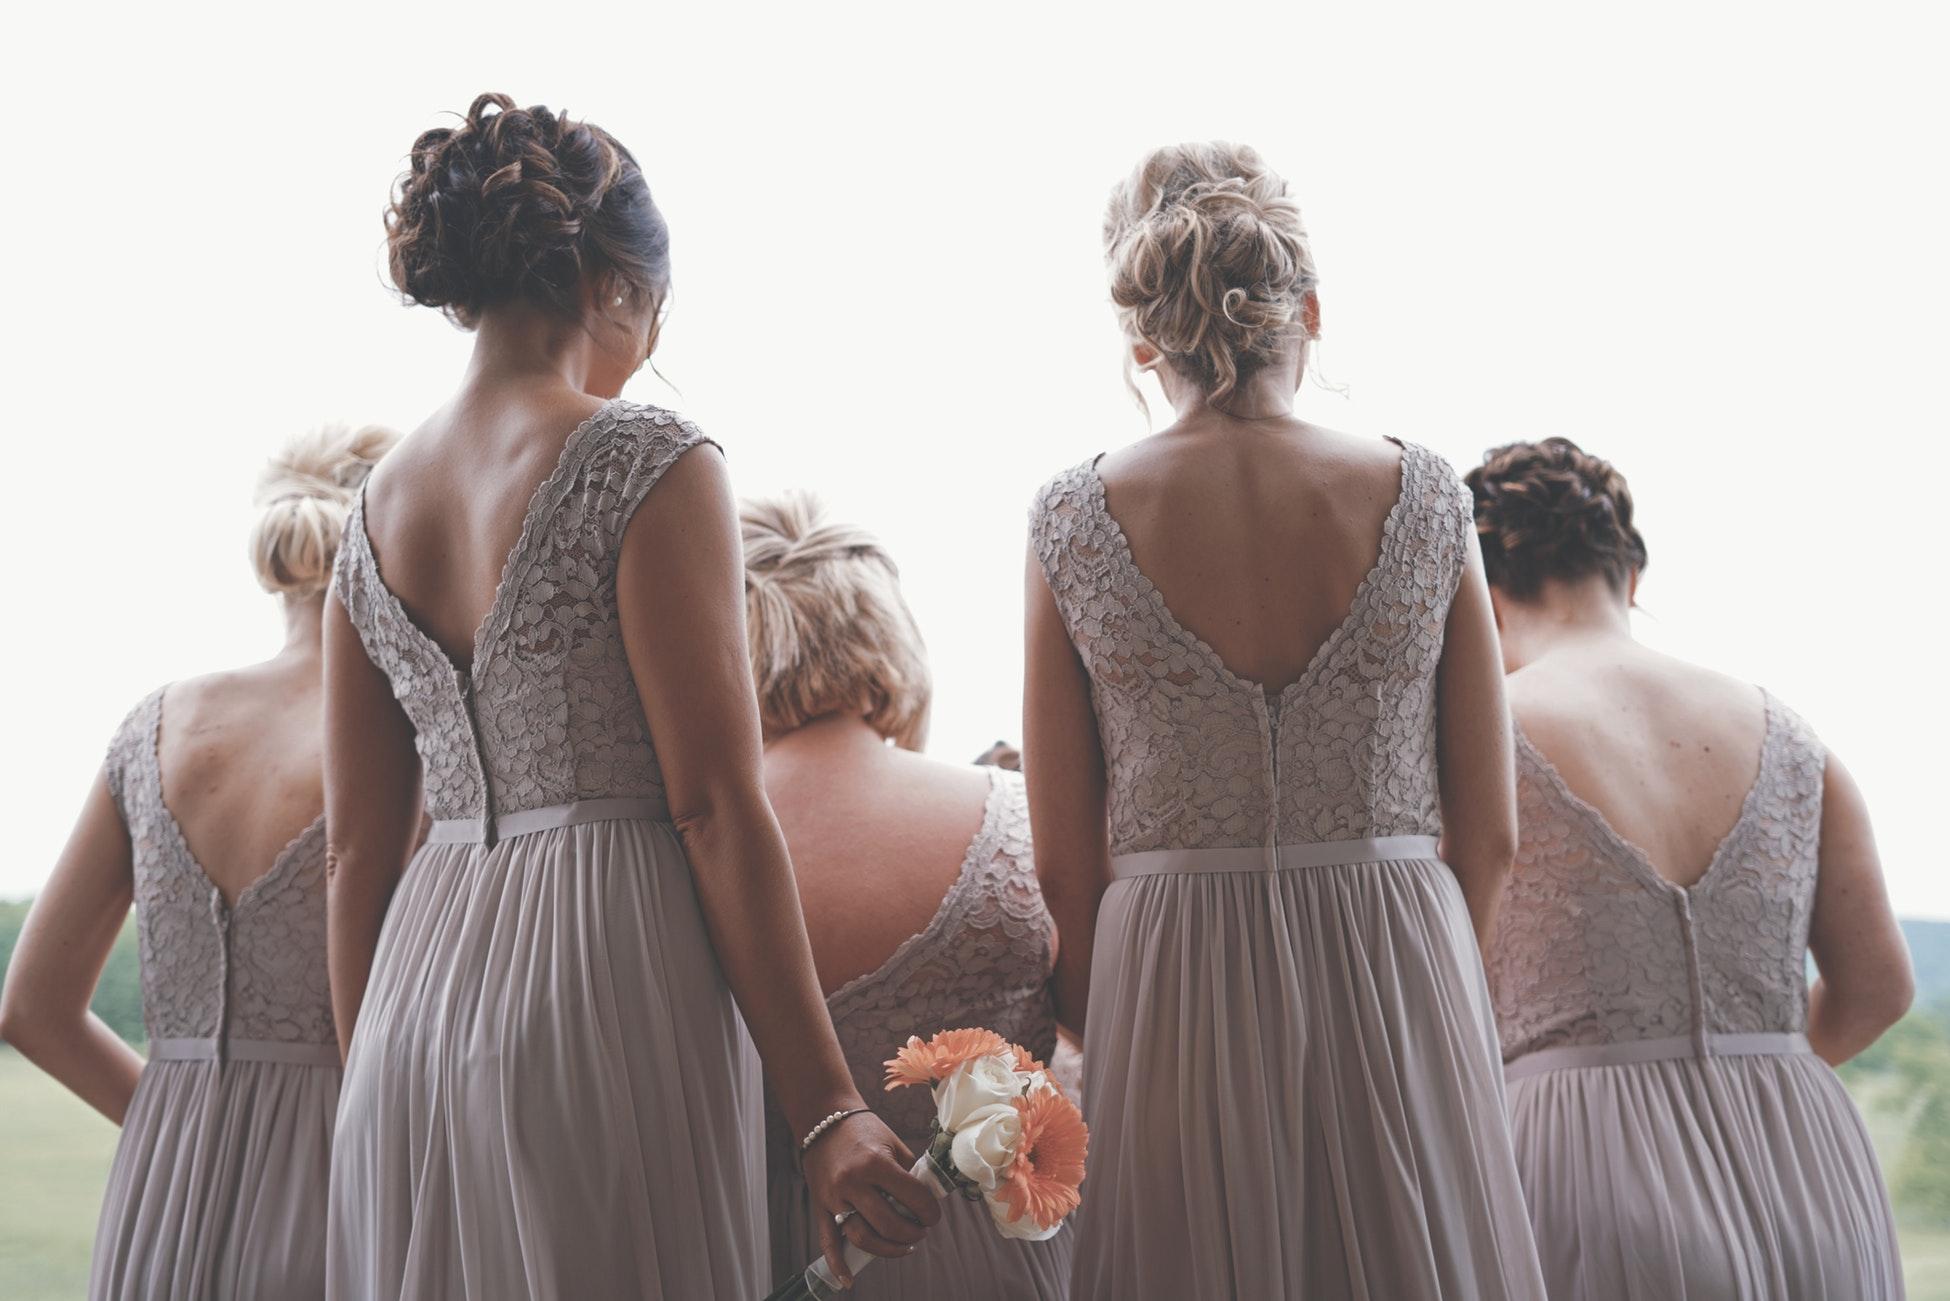 bridesmaids in tan dresses.